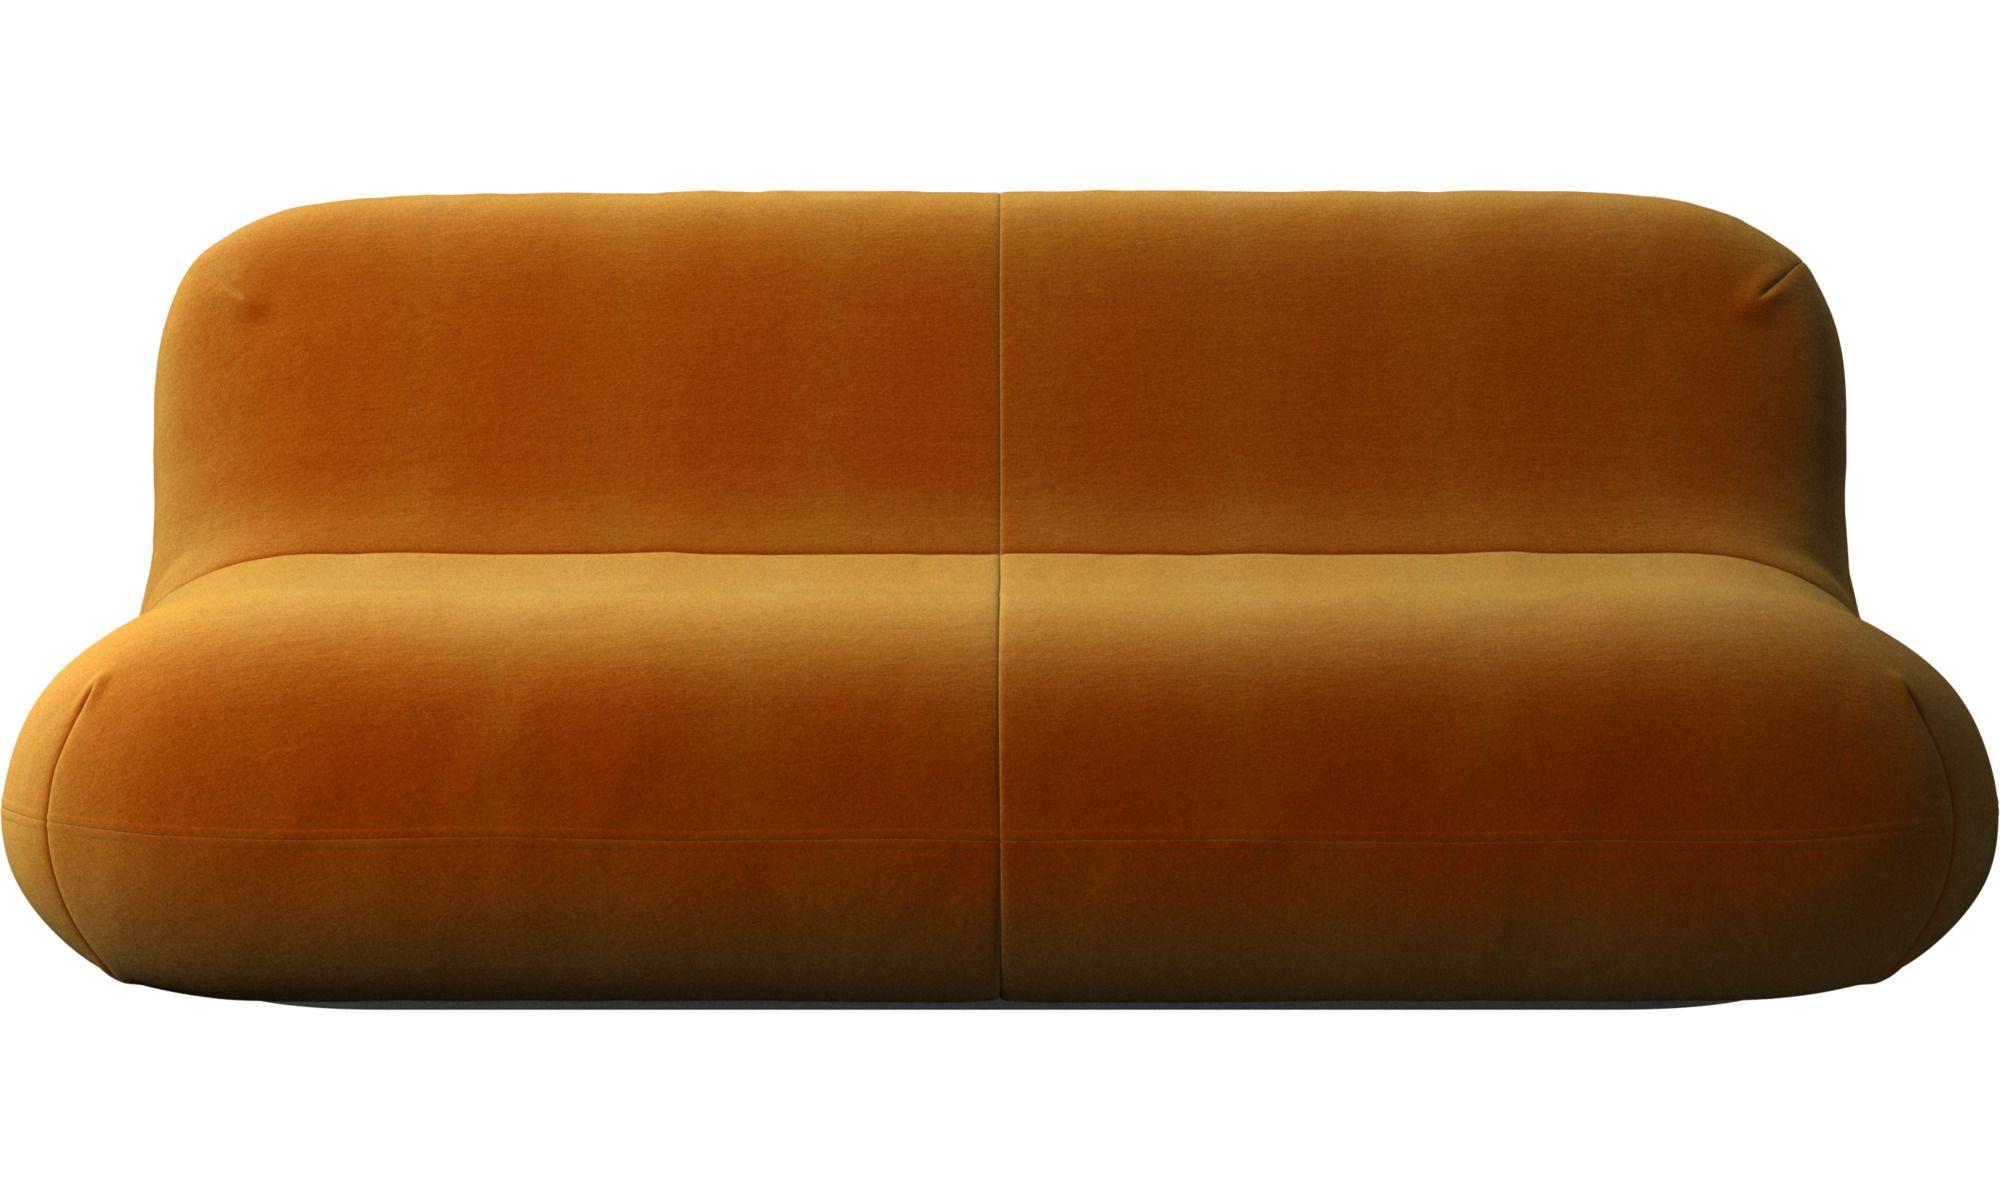 A modern orange-velvet two-seater sofa.